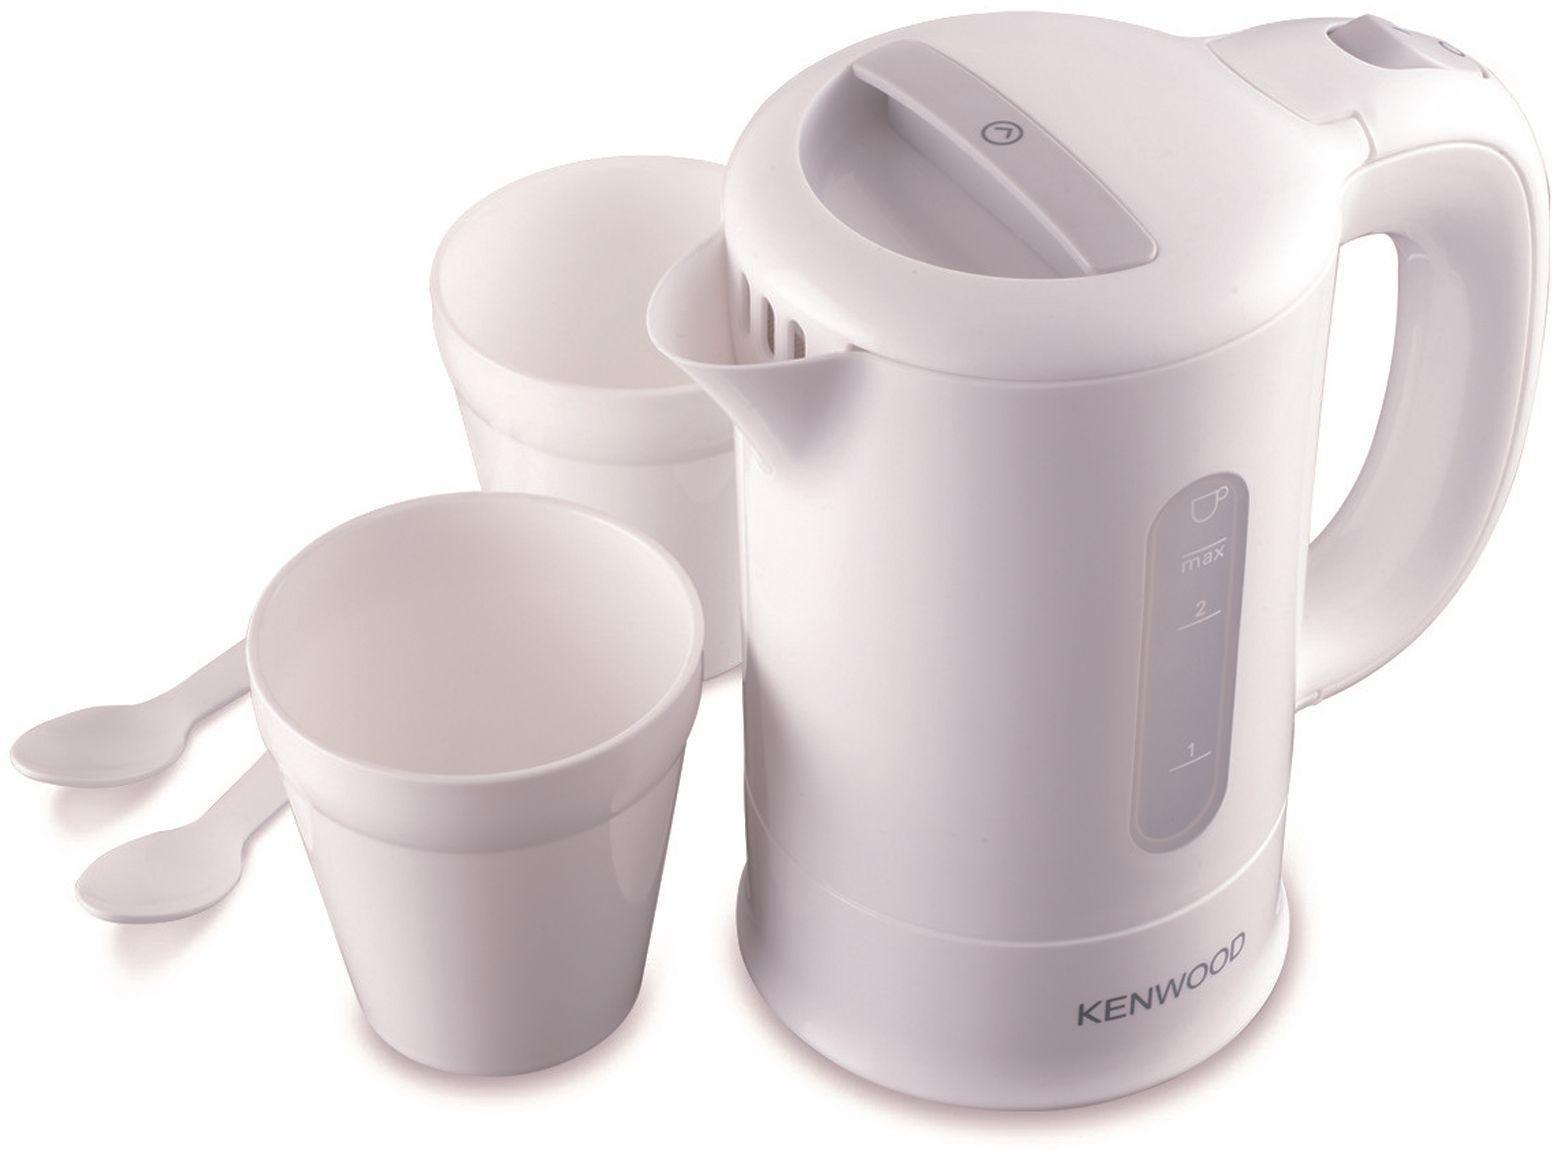 Buy Kenwood Travel Kettle White At Argos Co Uk Your